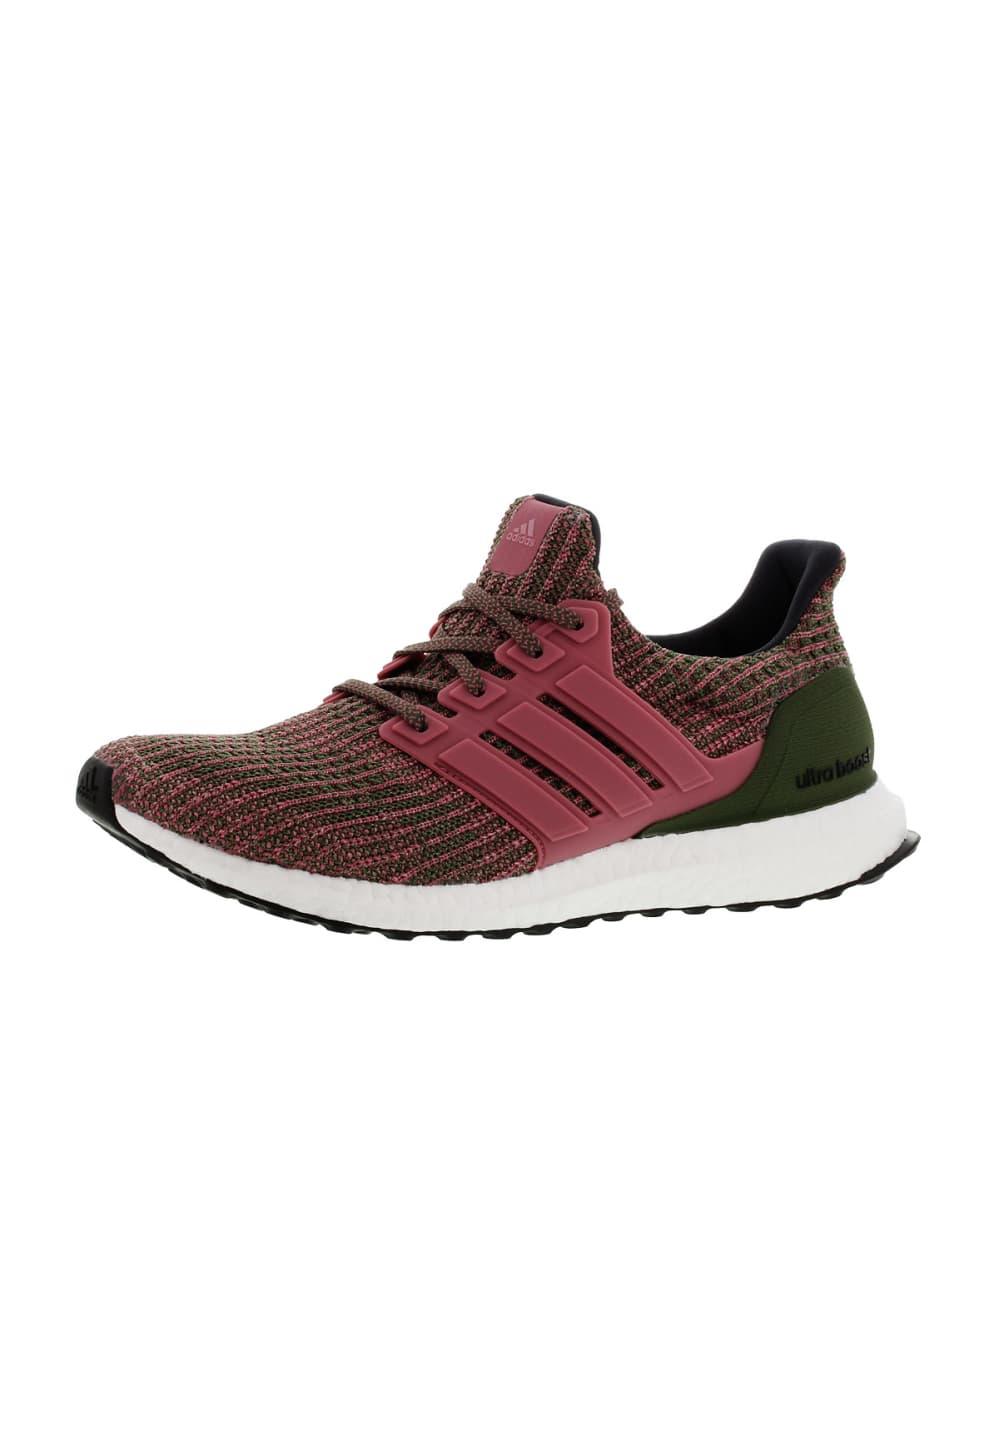 Sportschuhe für Frauen - adidas Ultra Boost Laufschuhe für Damen Rot  - Onlineshop 21Run